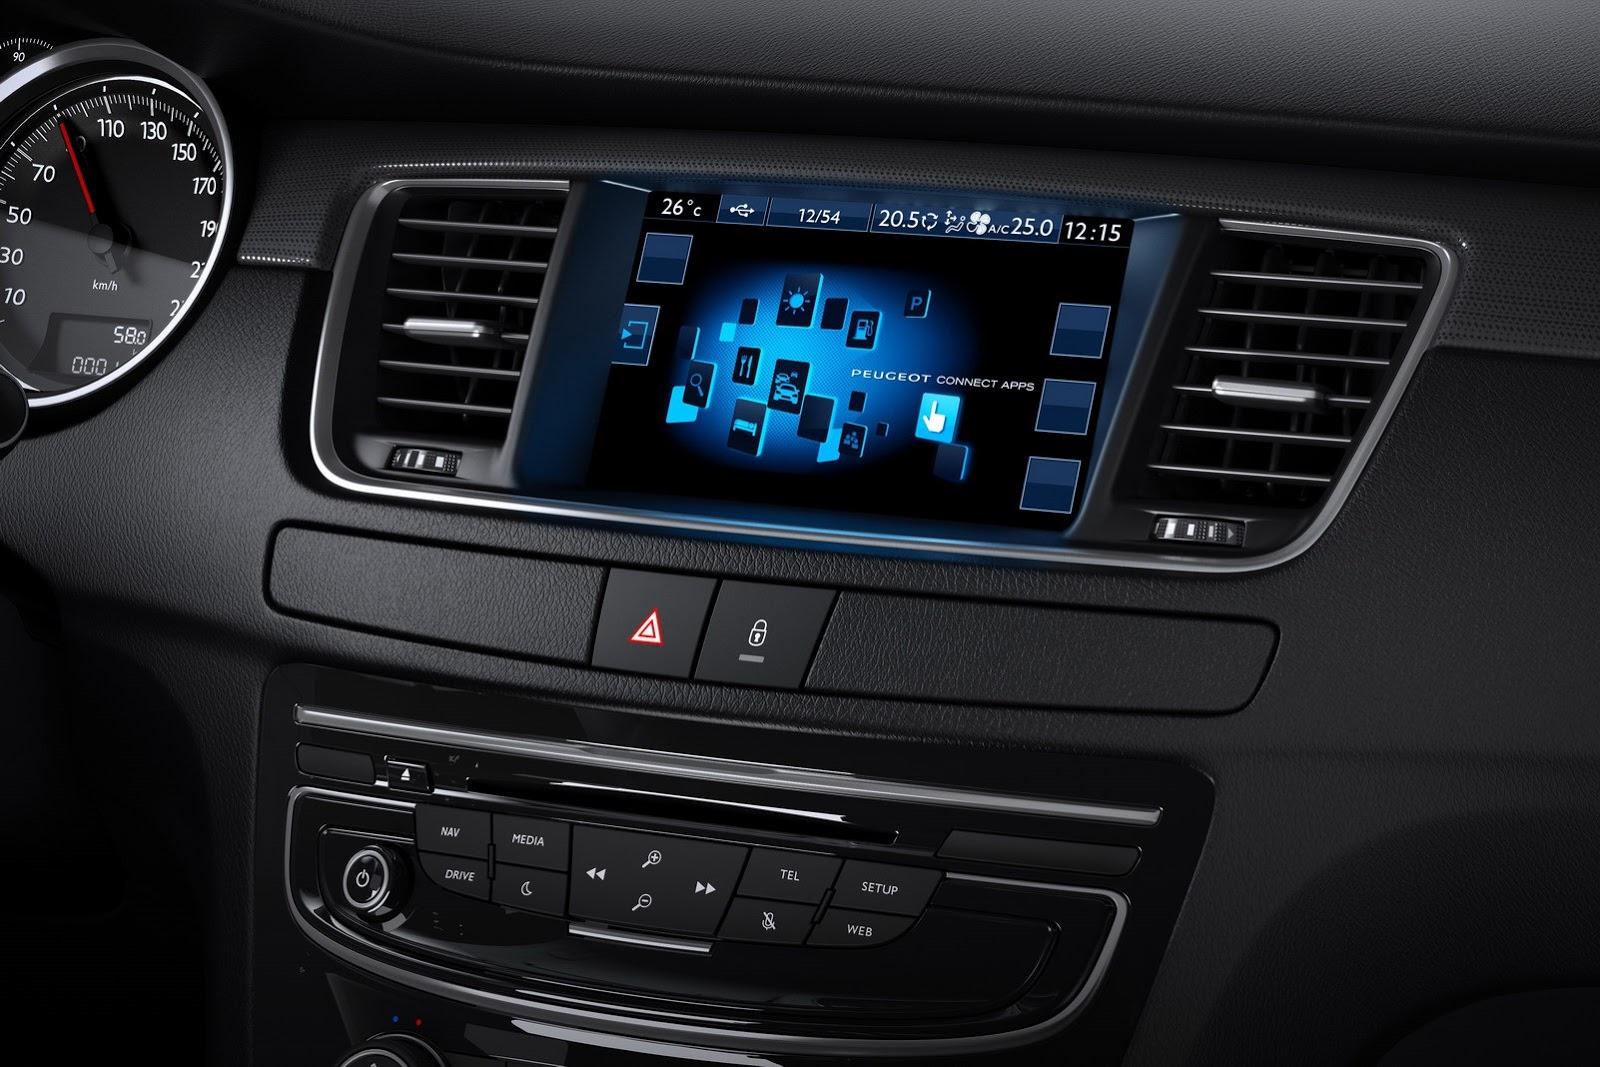 2015-Peugeot-508-9%25255B2%25255D.jpg